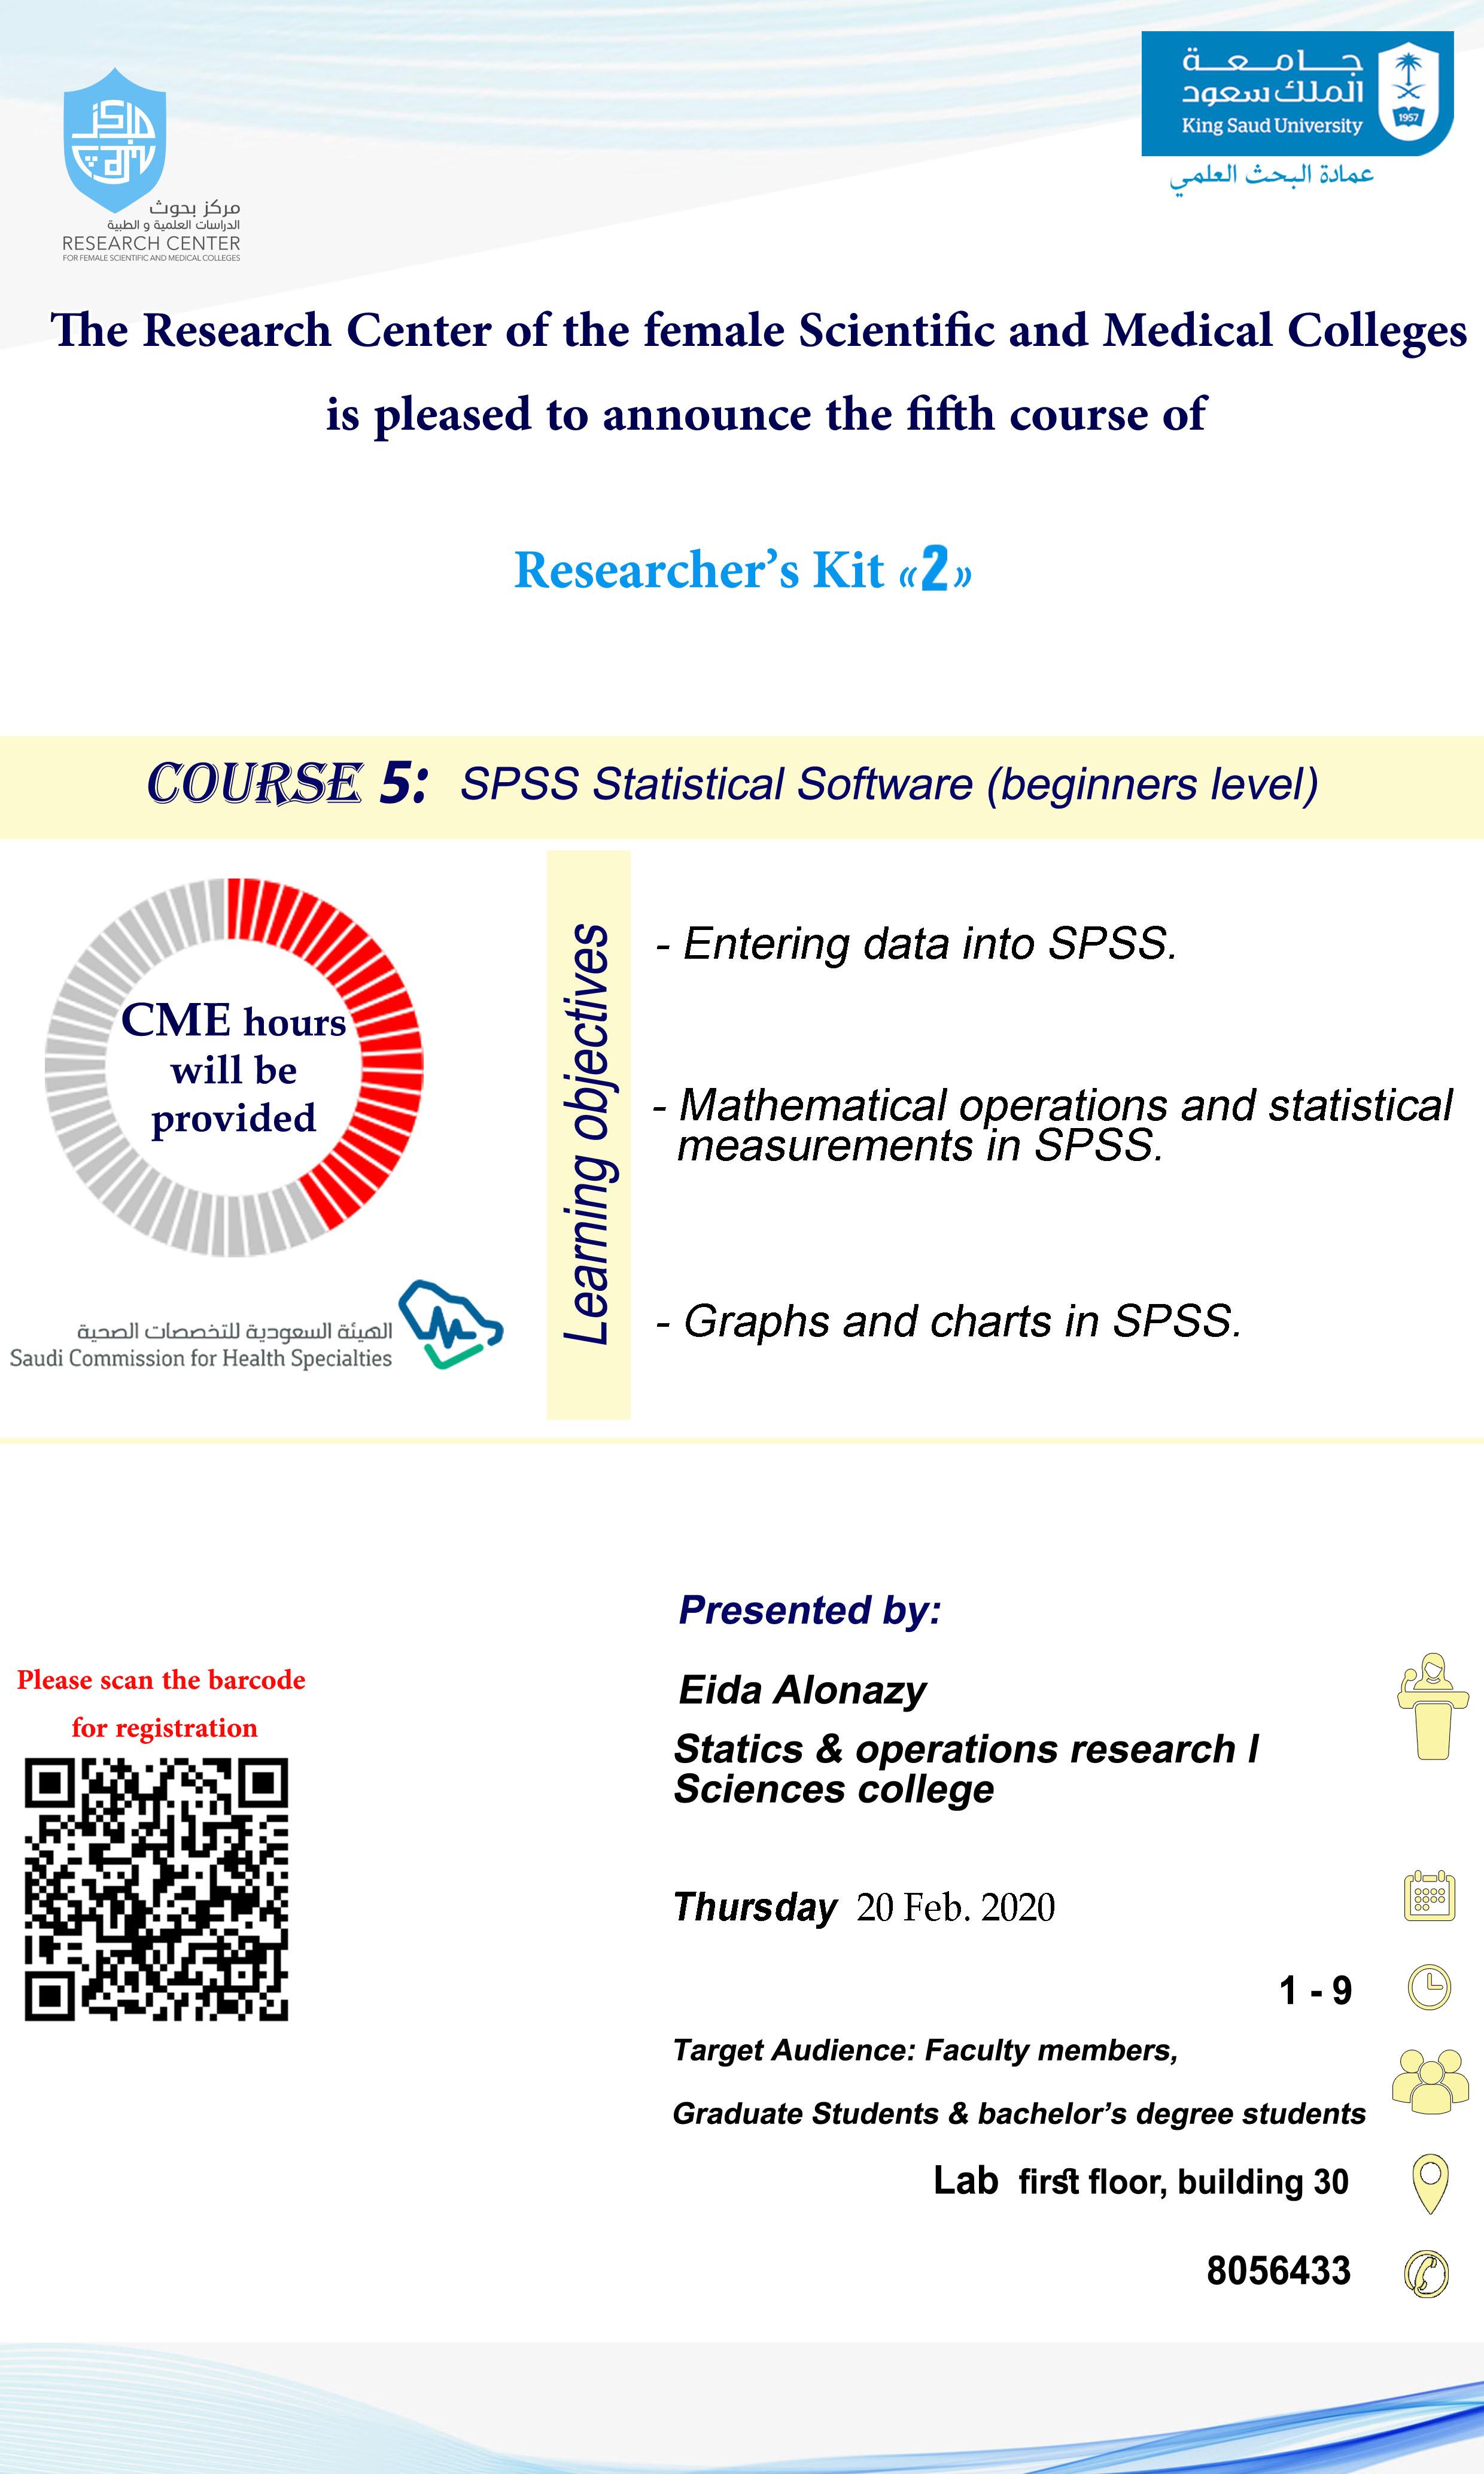 course 5